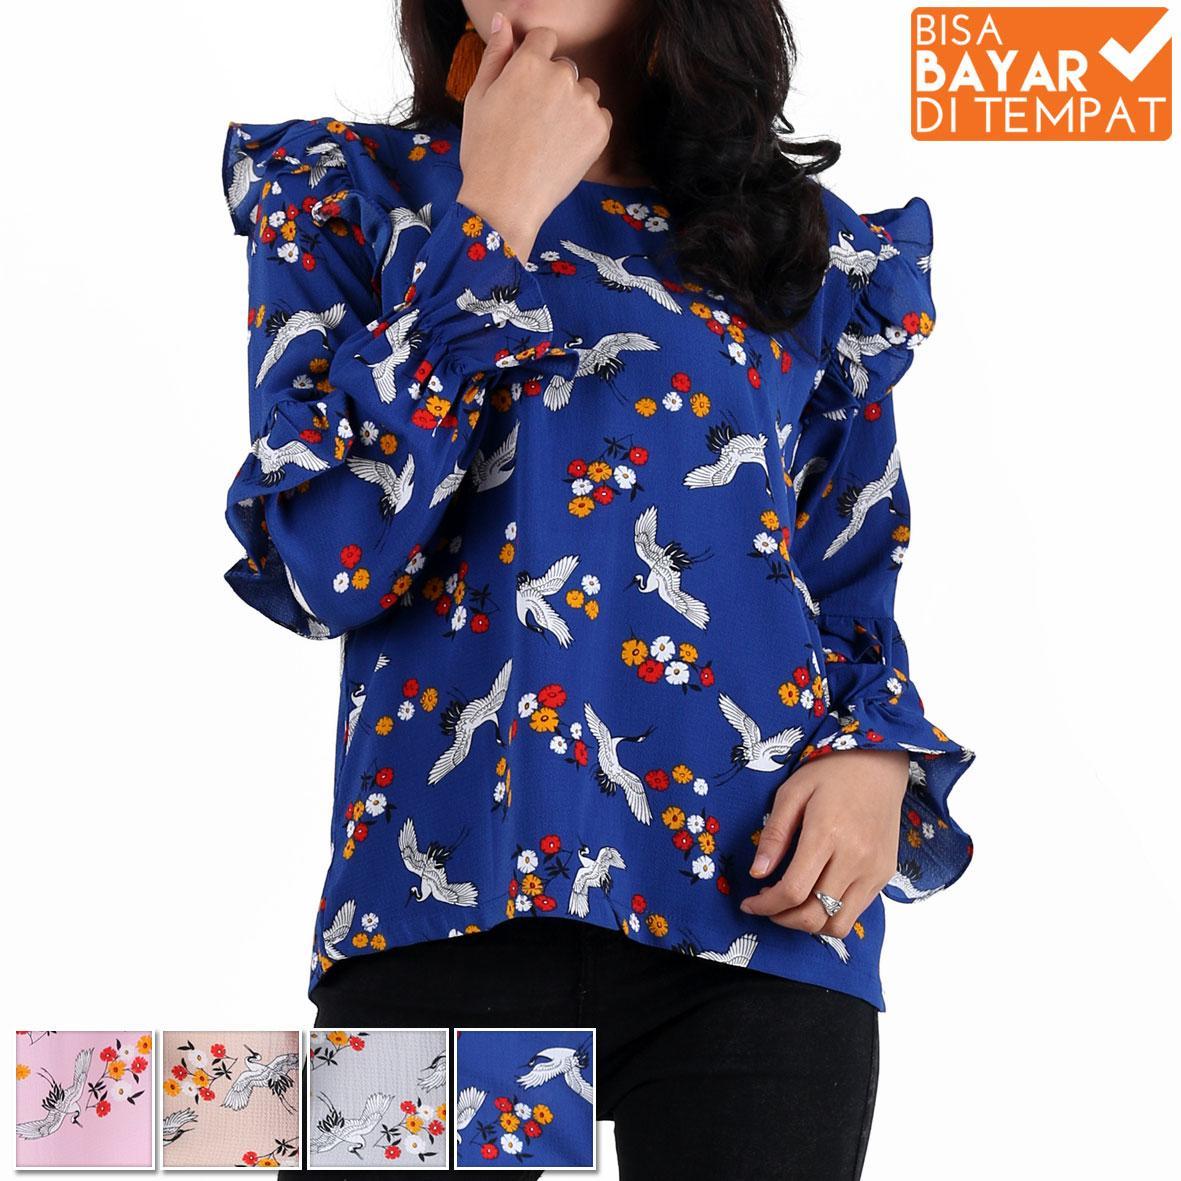 All Item 35K Baju wanita baju remaja baju korea blouse wanita blouse casual blouse kerja blouse